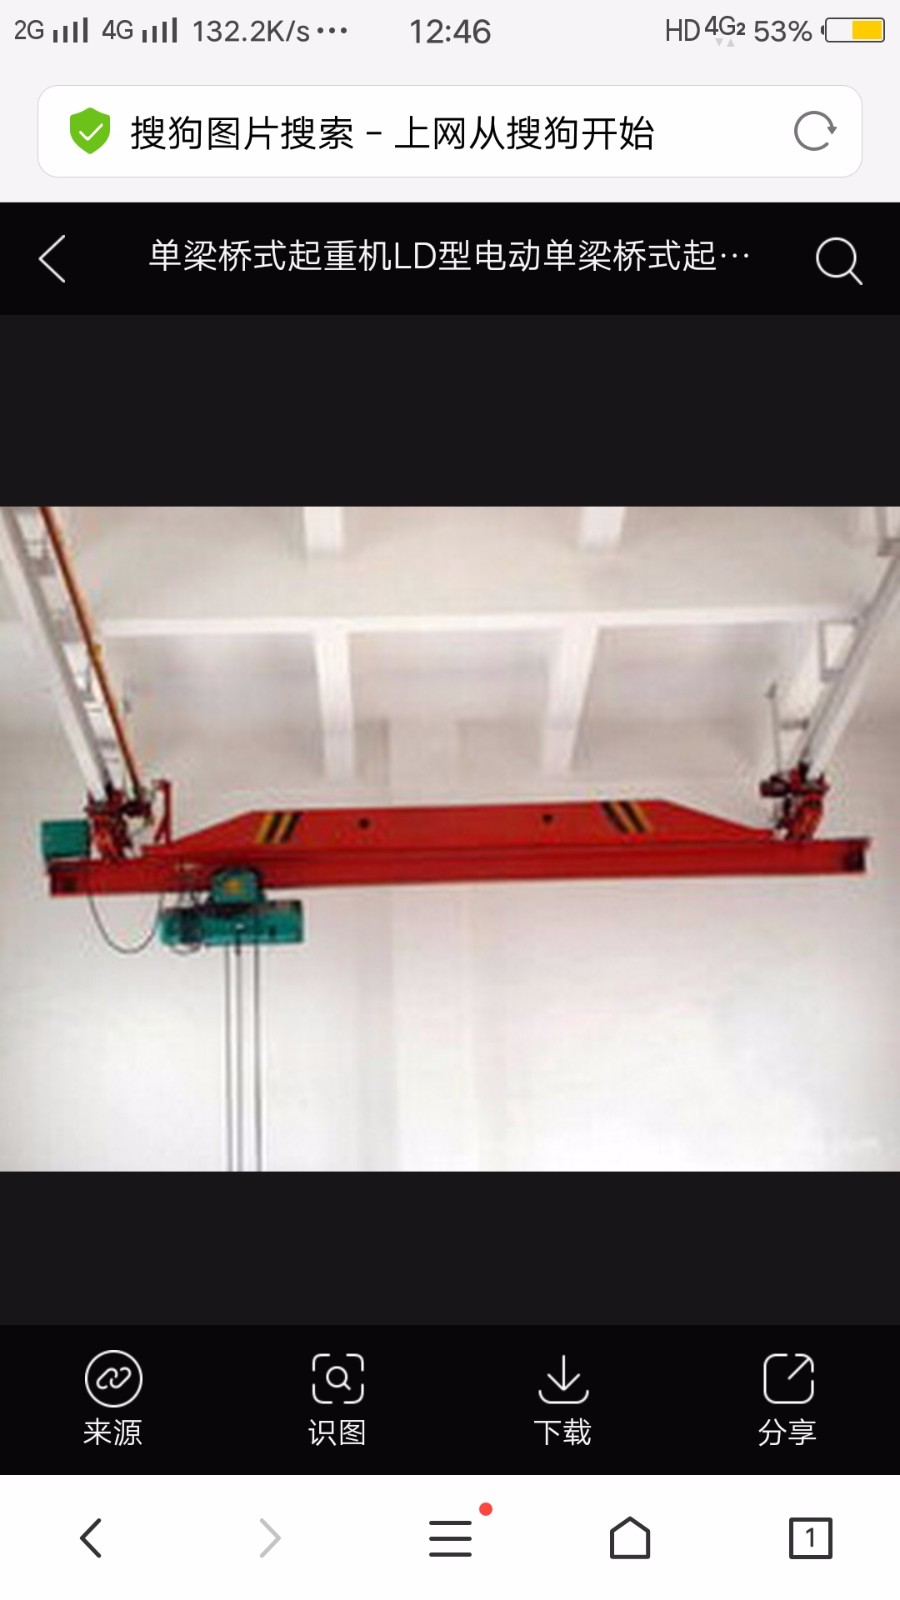 南昌起重设备-桥式起重机|厂家直销15180193900